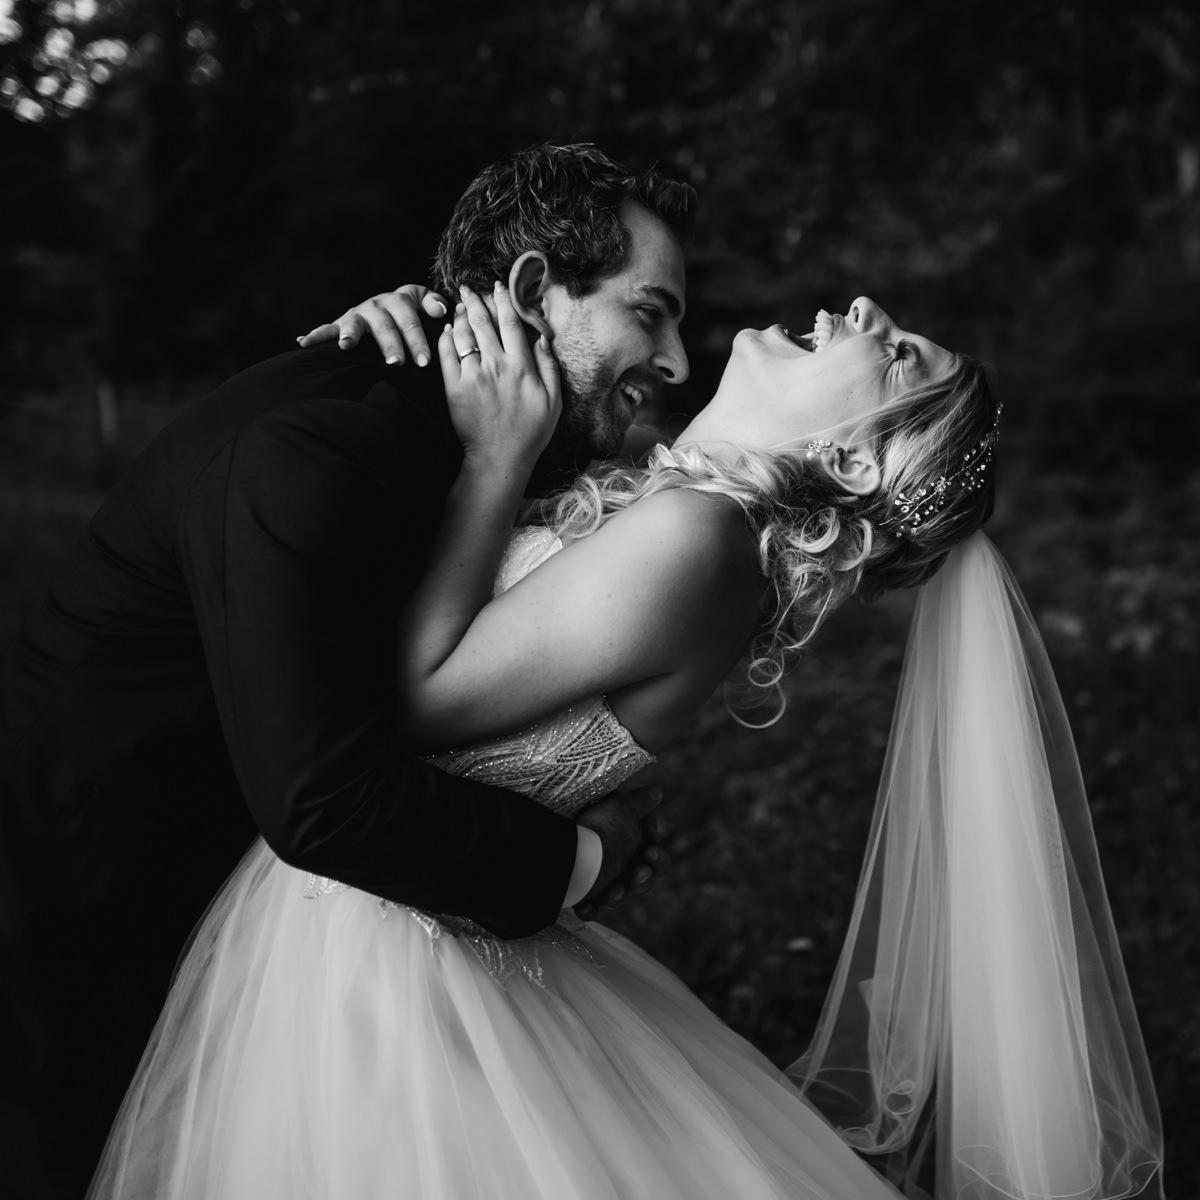 couple riant aux éclats photo noir et blanc